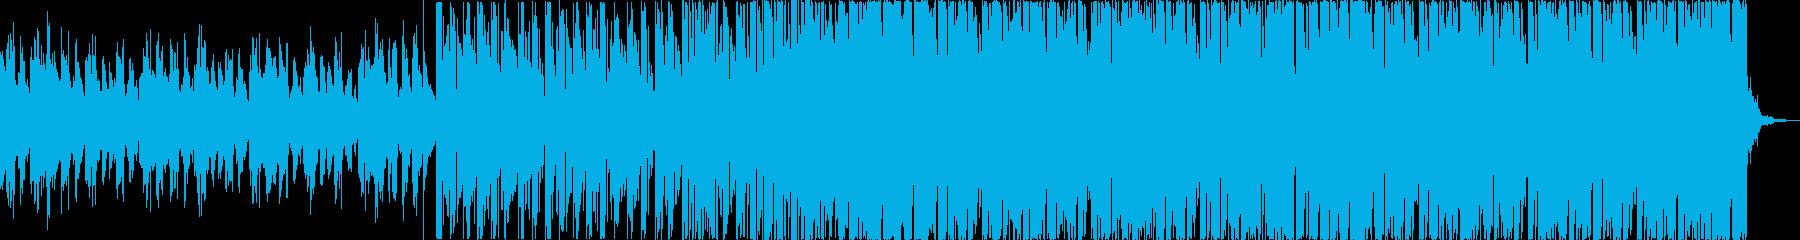 チルアウト軽快爽やかなトロピカルハウスfの再生済みの波形